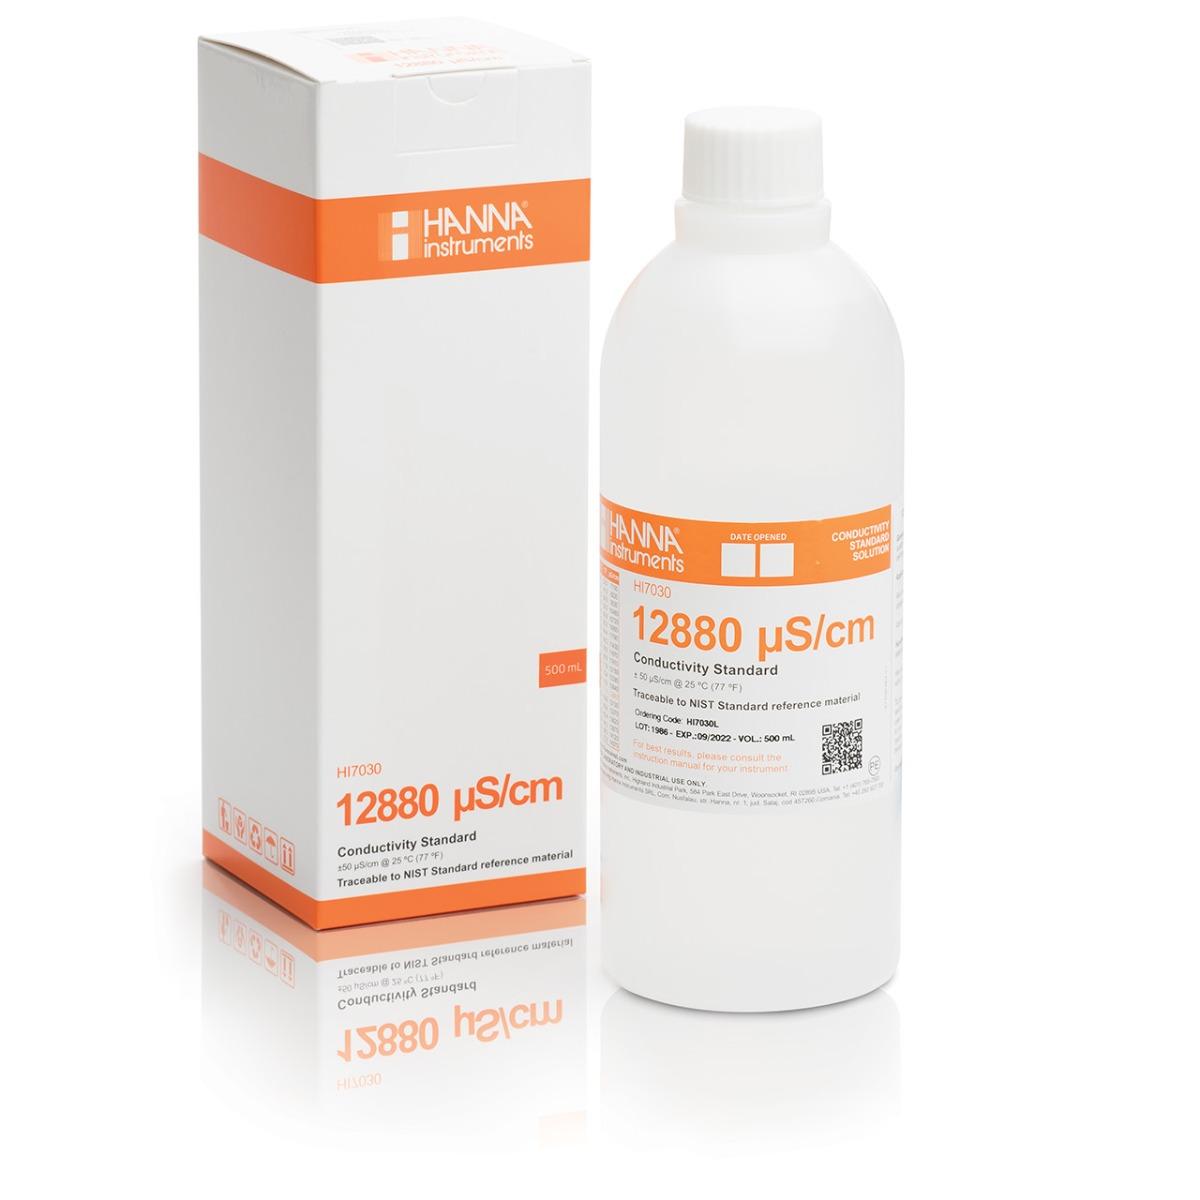 HI7030L 12880 µS/cm Conductivity Standard (500mL Bottle)